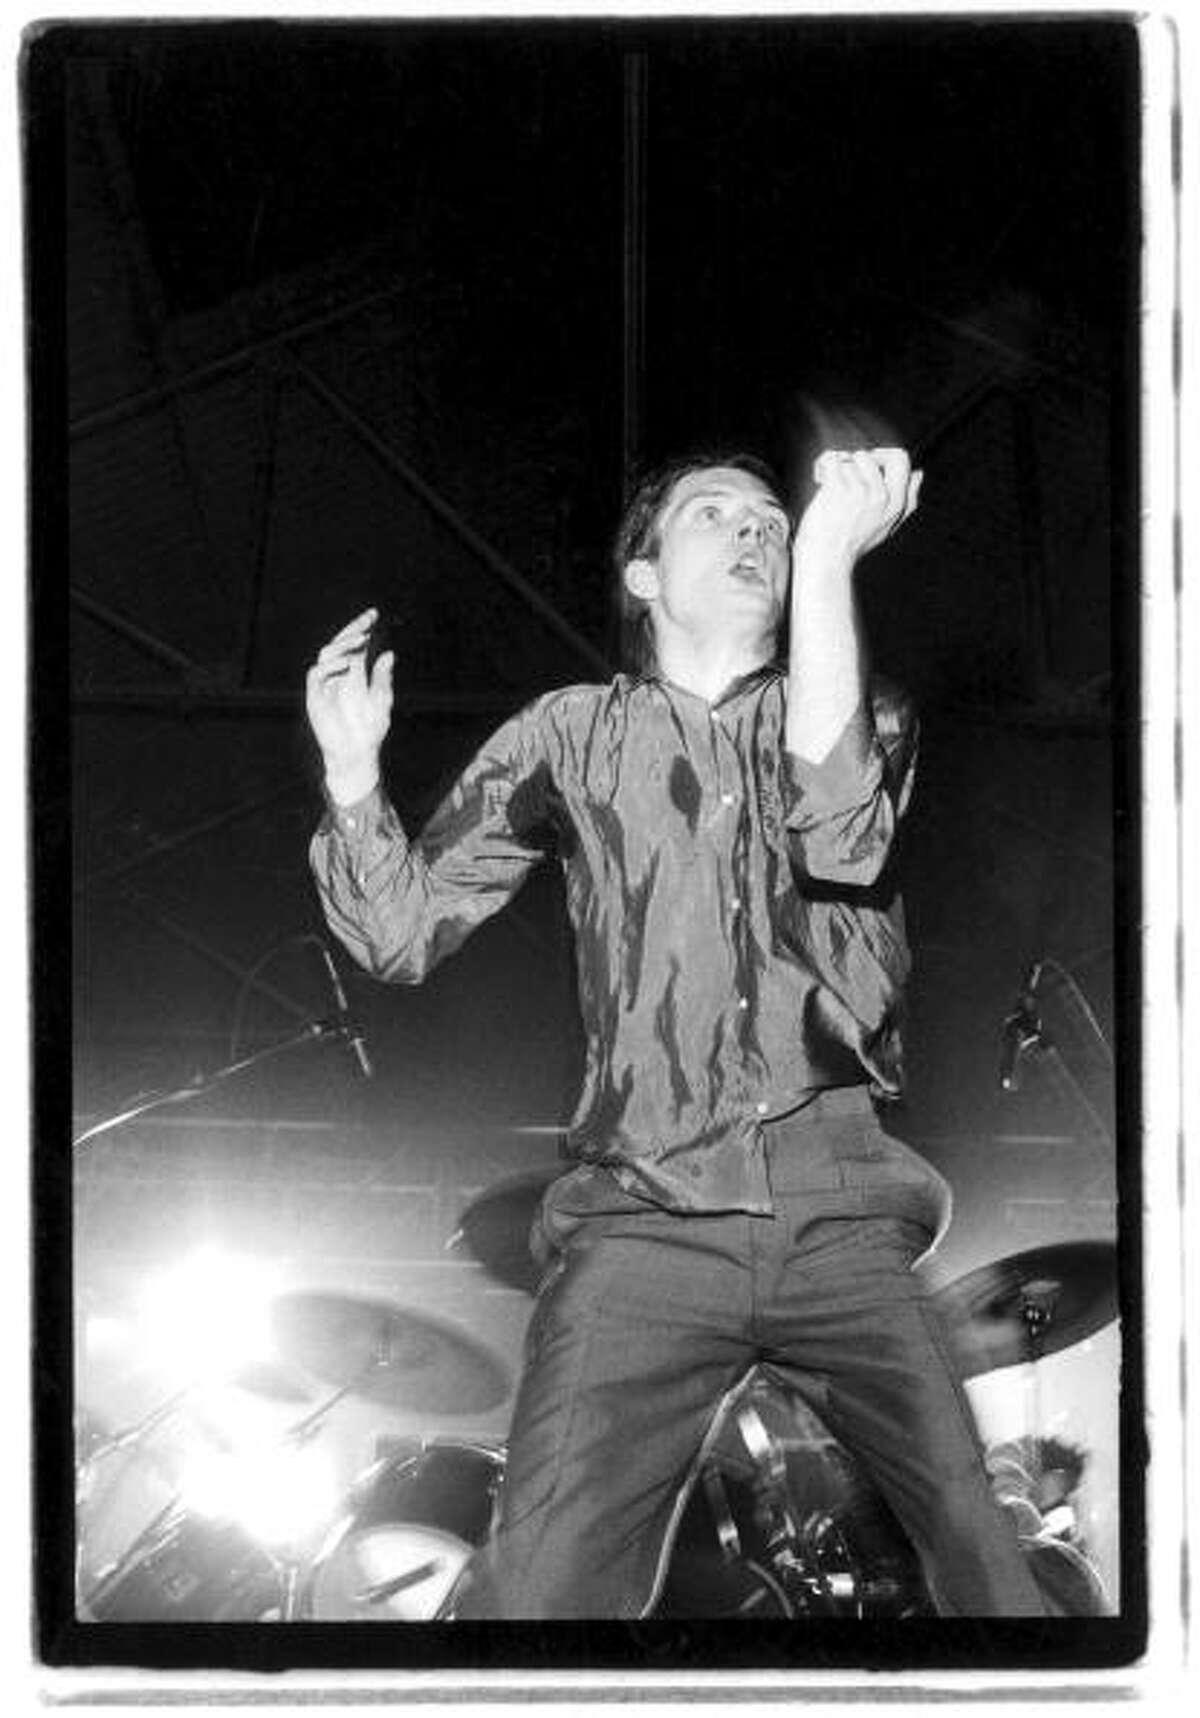 Ian Curtis, Joy Division. (July 15, 1956 - May 18, 1980)